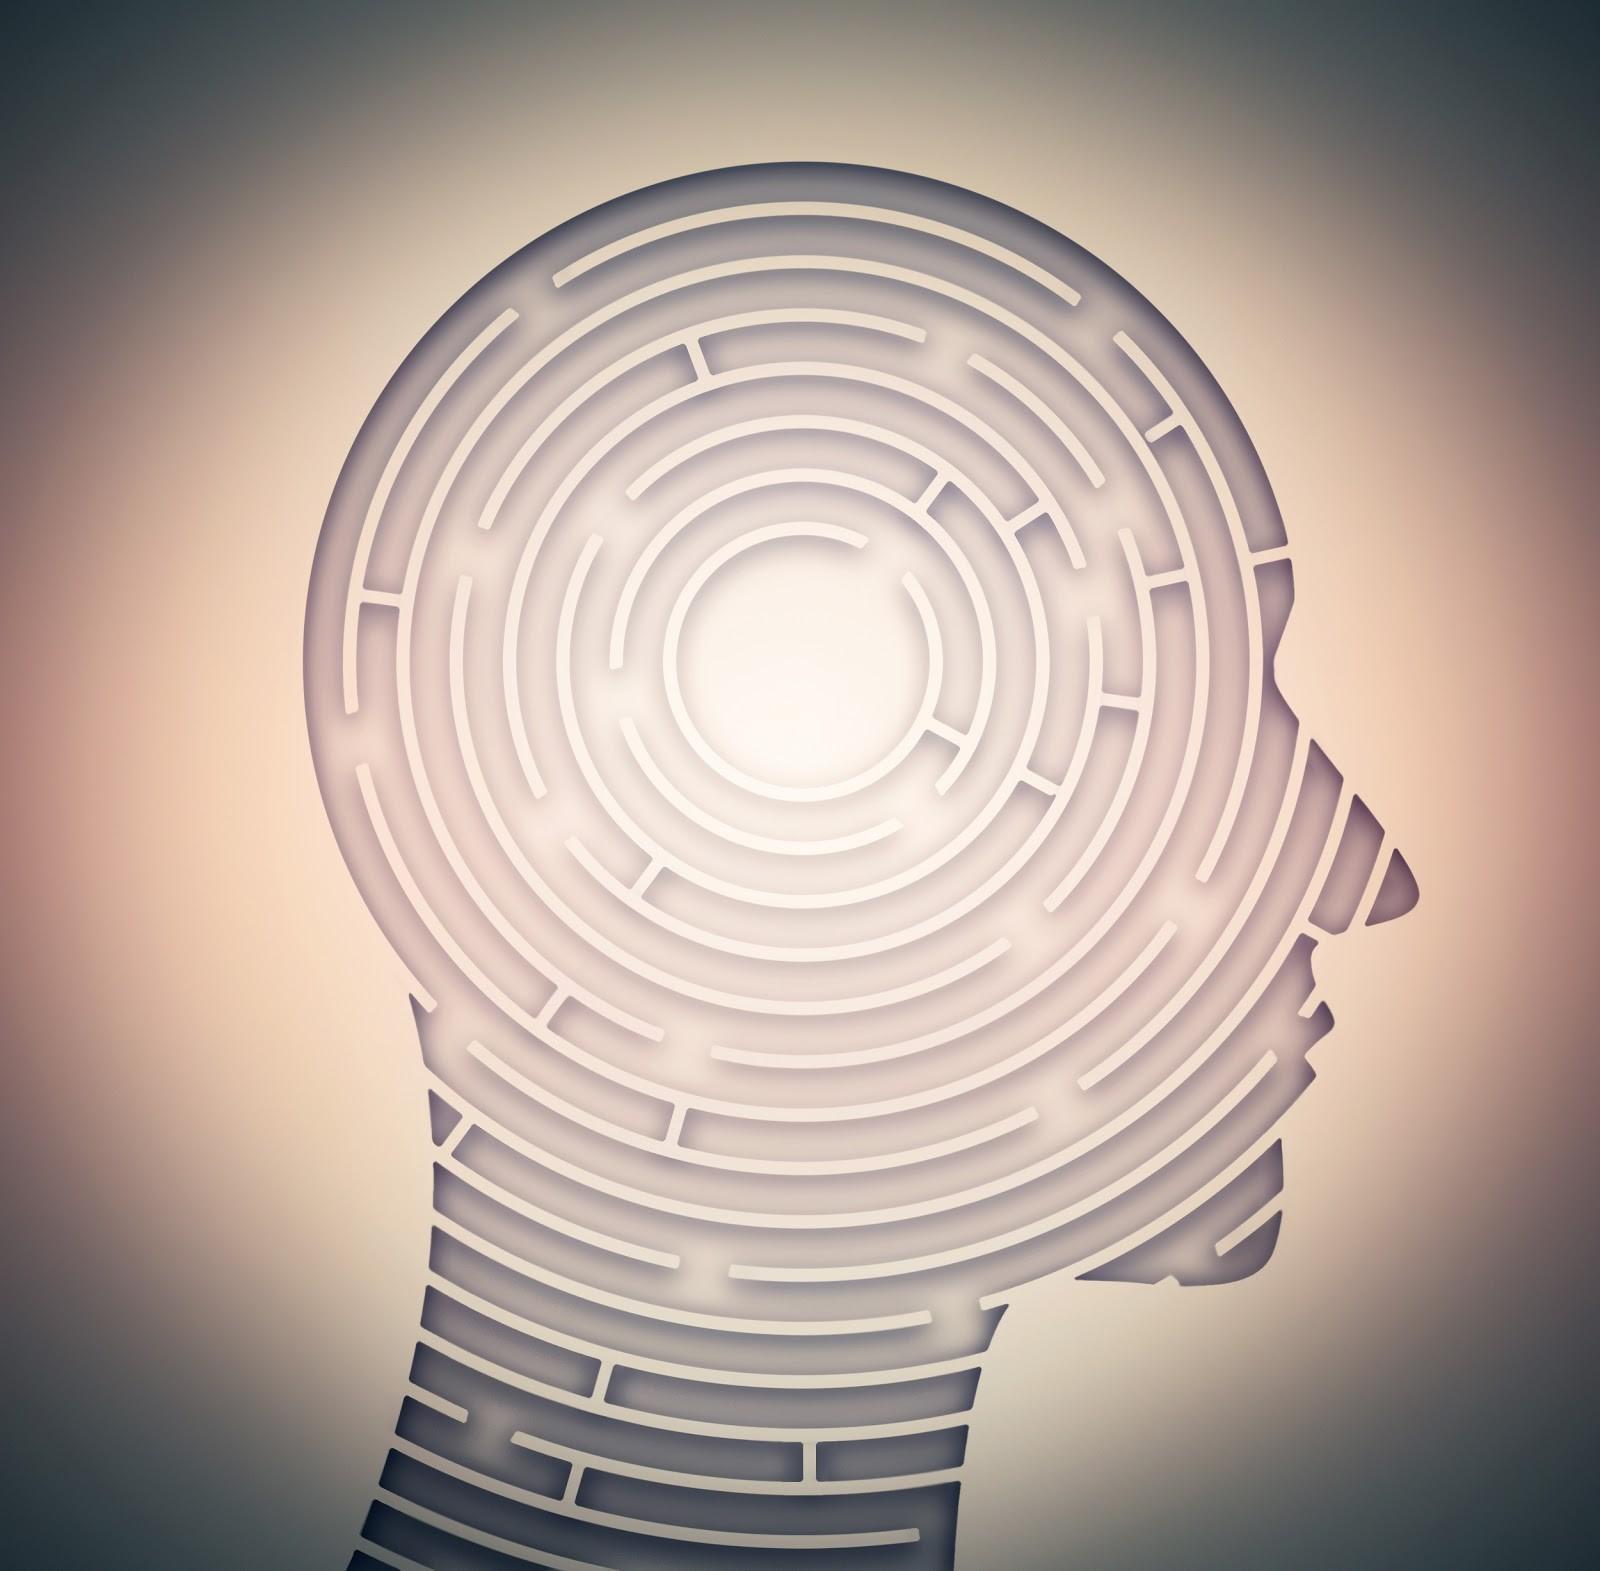 Illustration där ett människohuvud i profil är som en labyrint.